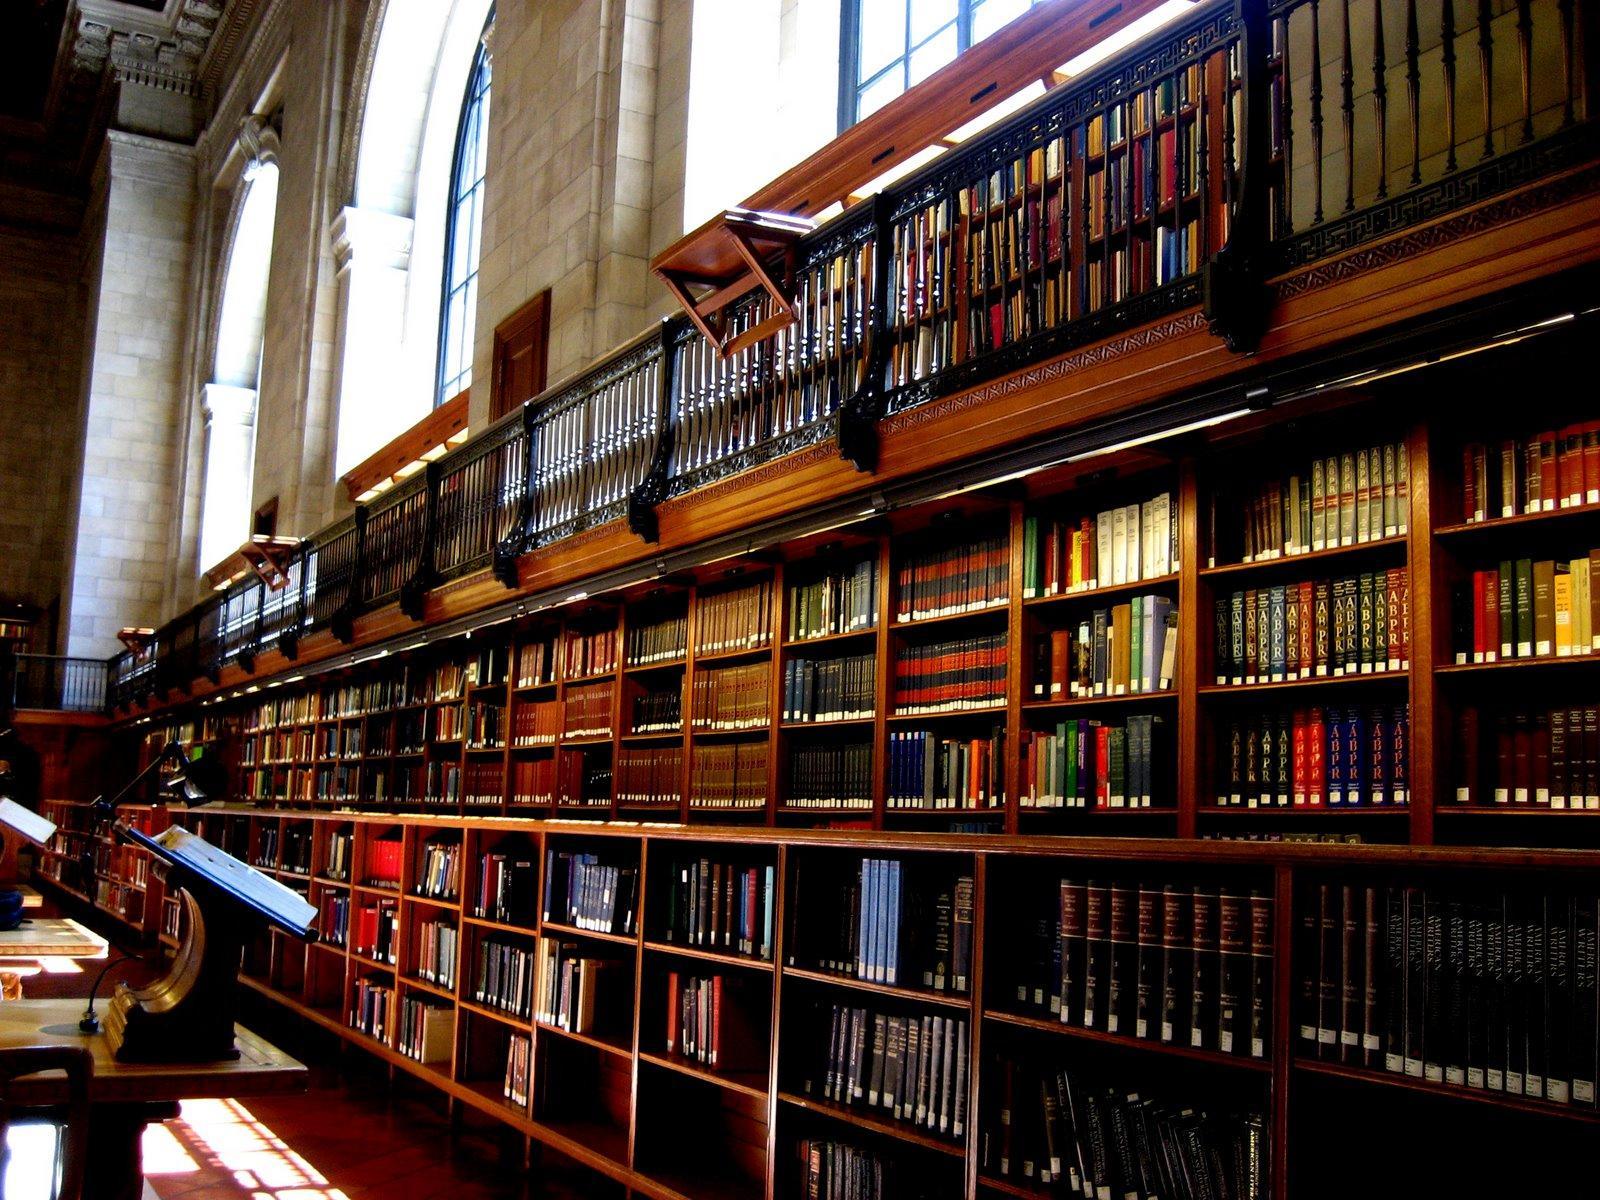 публичная библиотека нью-йорка